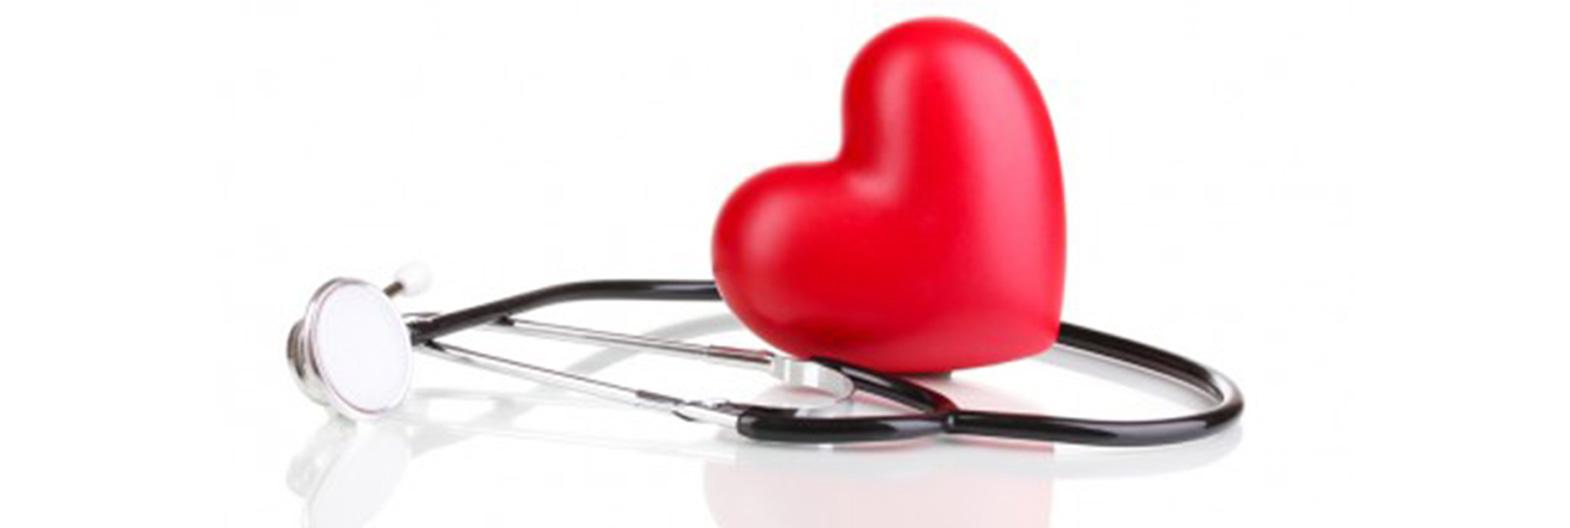 baigta slaugos istorija dėl hipertenzijos kraujo tyrimai širdies sveikatai